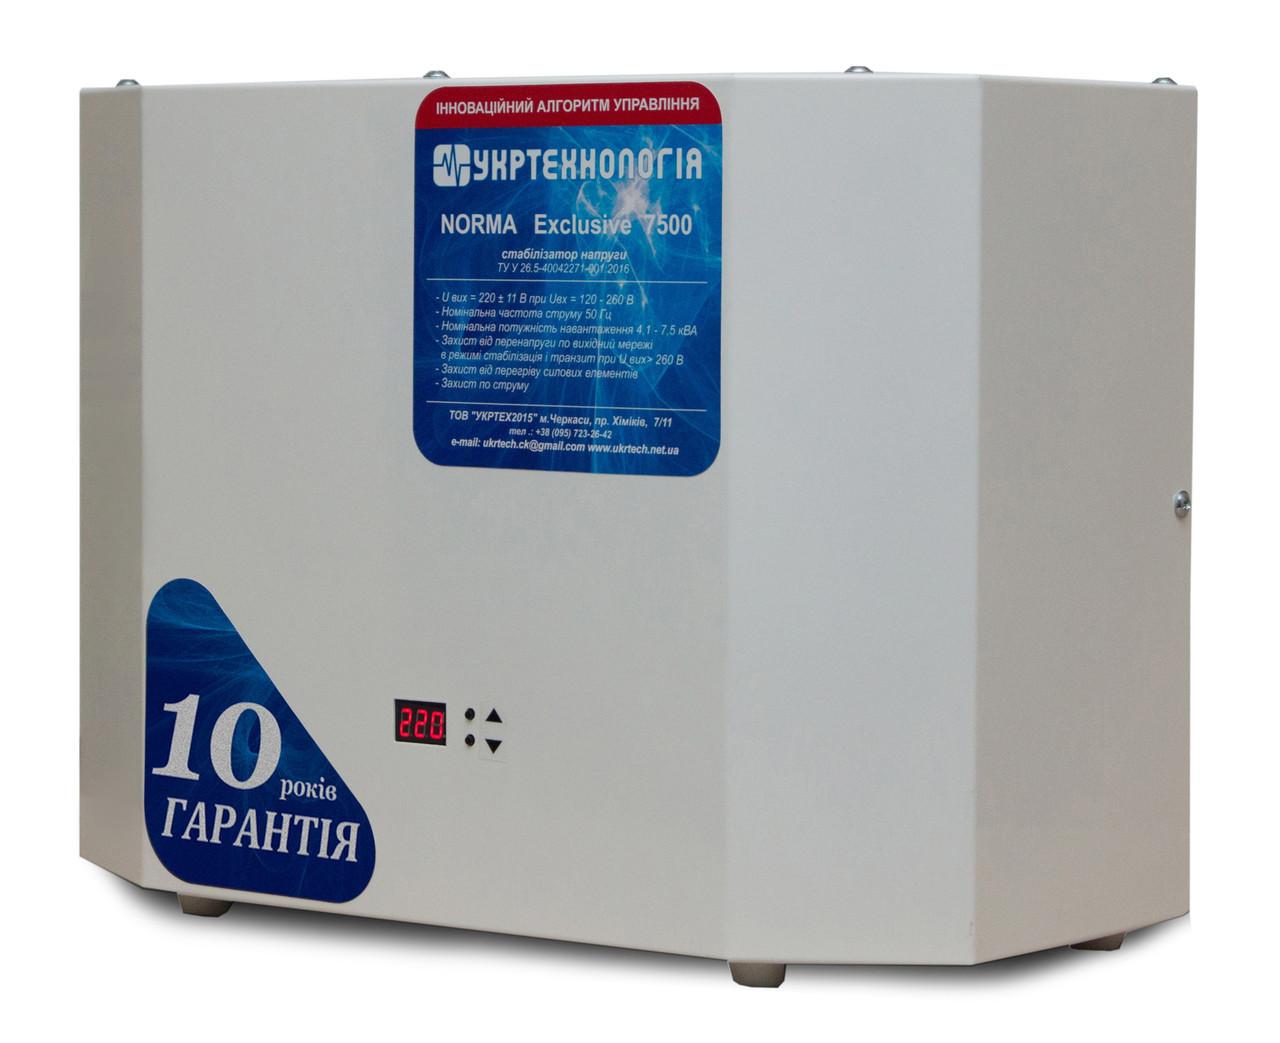 Стабилизатор напряжения Укртехнология Norma Exclusive НСН-7500 (40А)